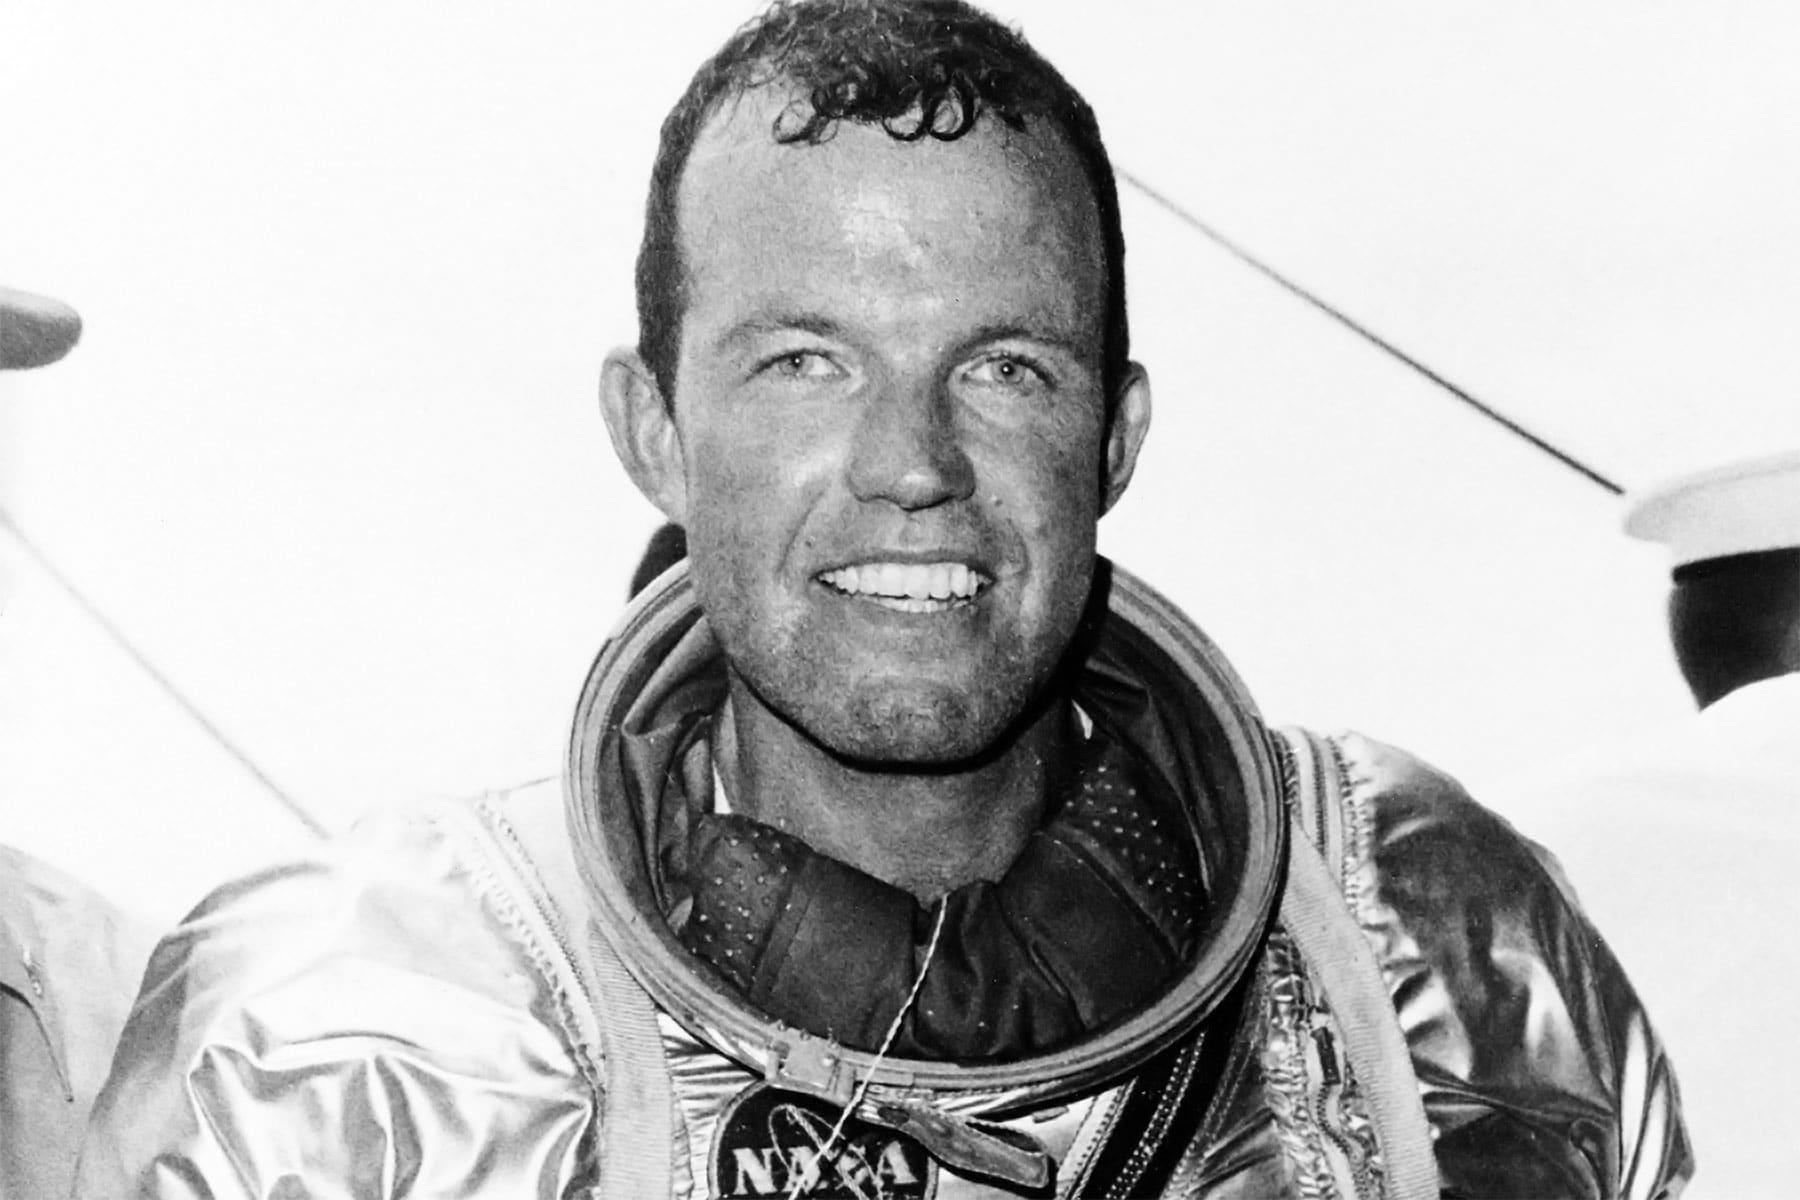 Astronaut Gordon Cooper in his space suit.